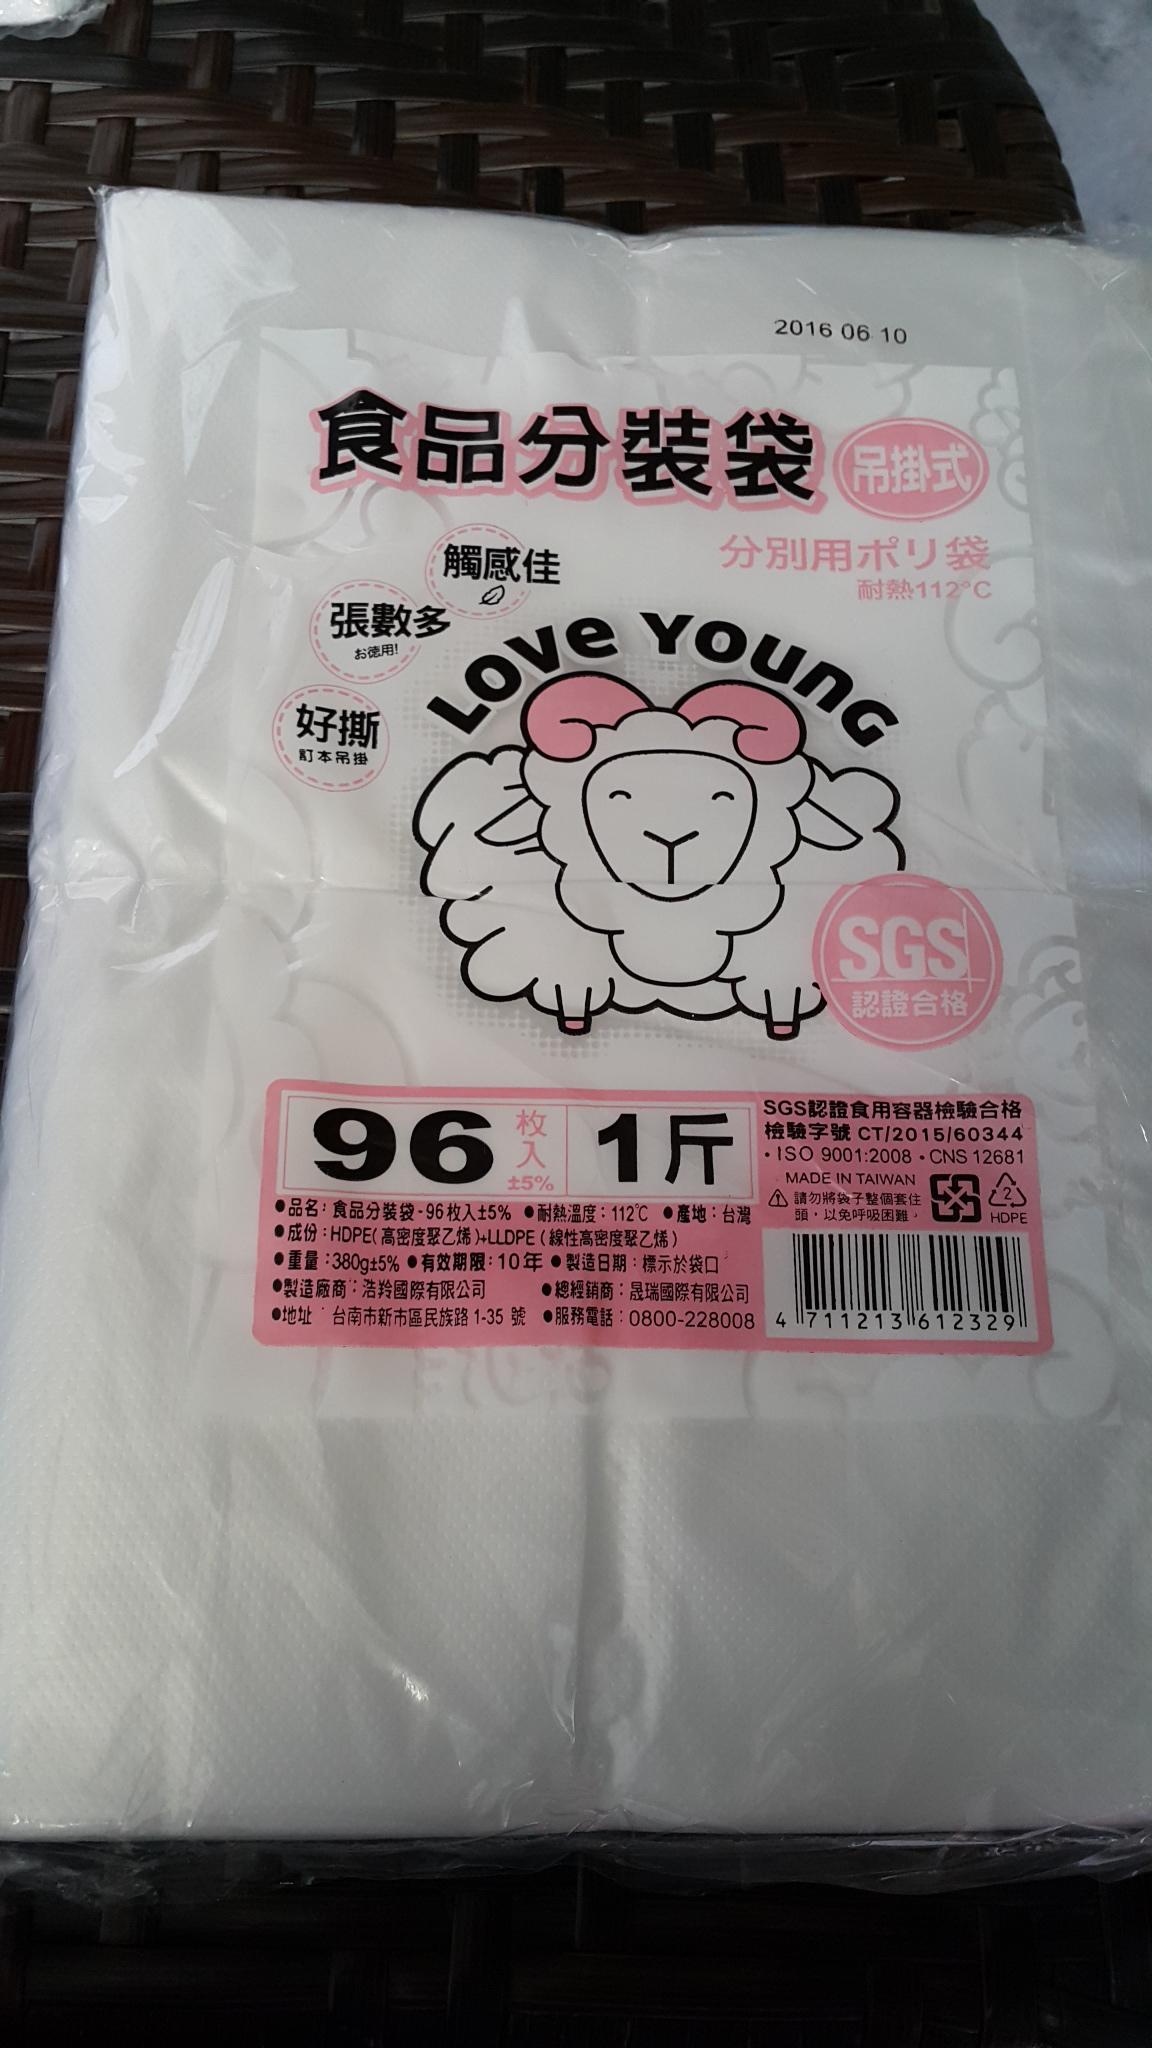 食品分裝袋/SGS/吊掛式/節省空間/1斤耐熱袋